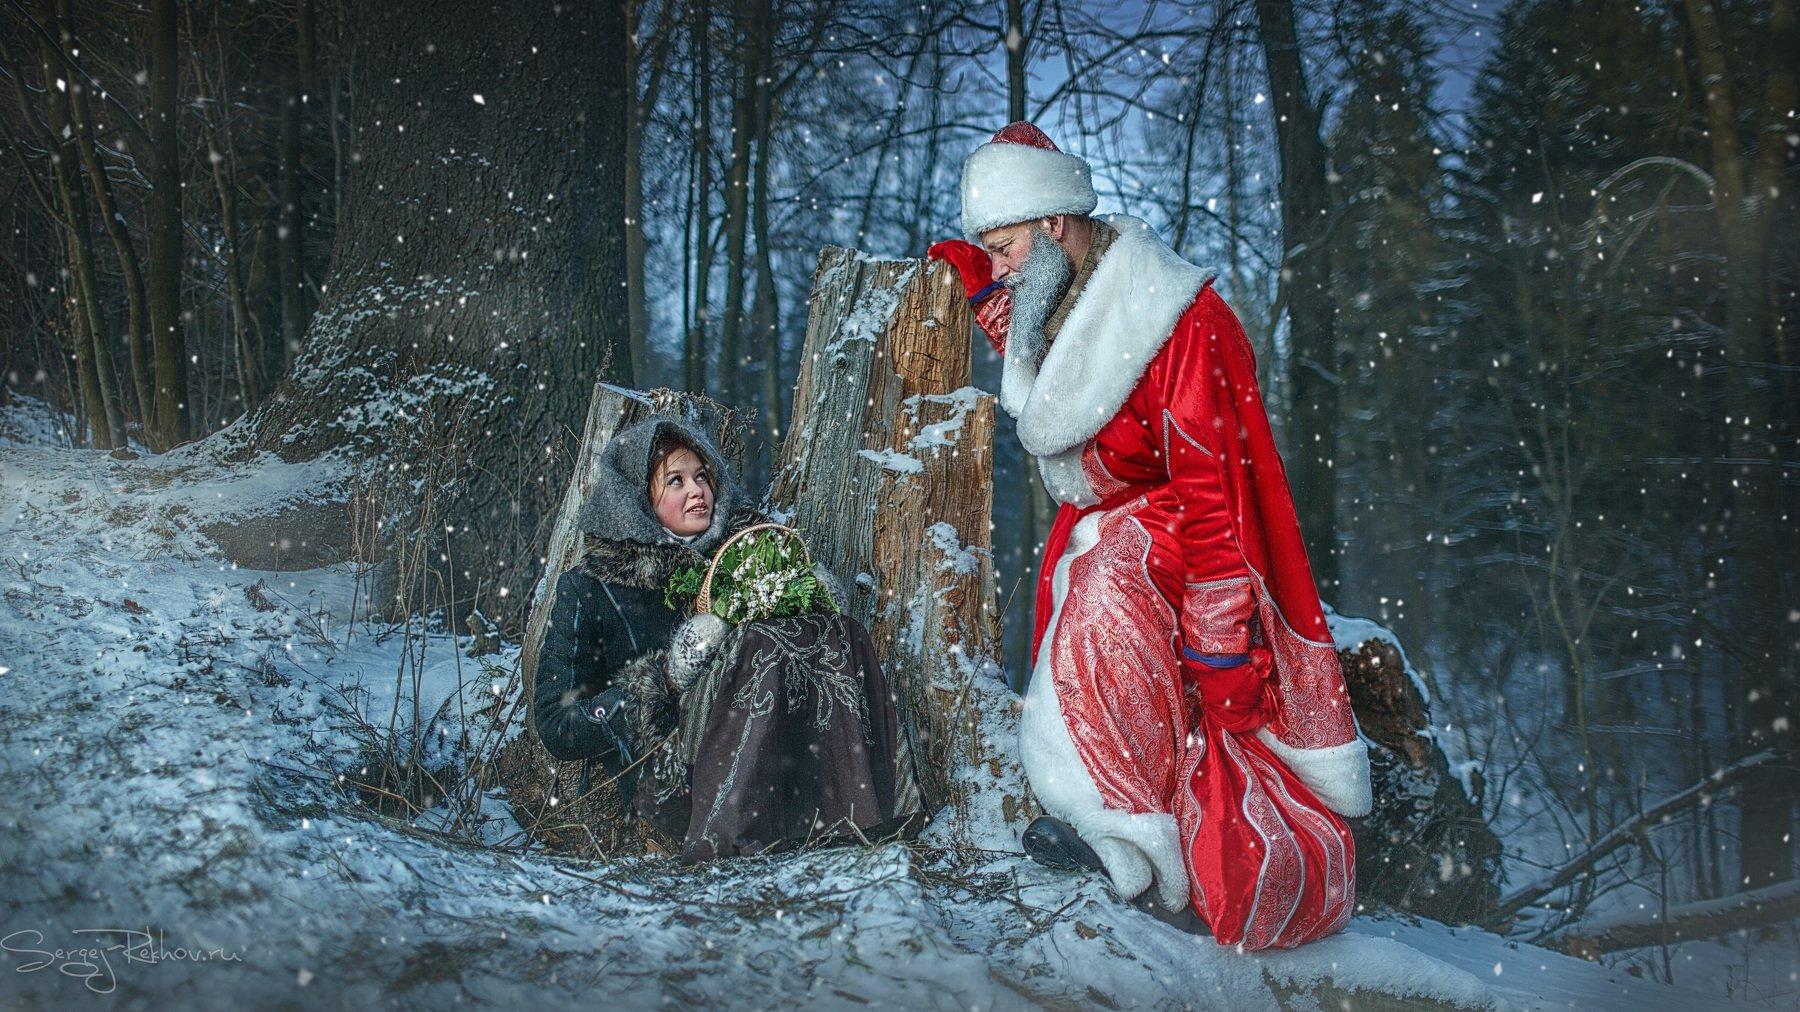 новый год, рождество, сказка. лес, мороз, снег, рехов, сергейрехов, rekhov, sergejrekhov, Сергей Рехов